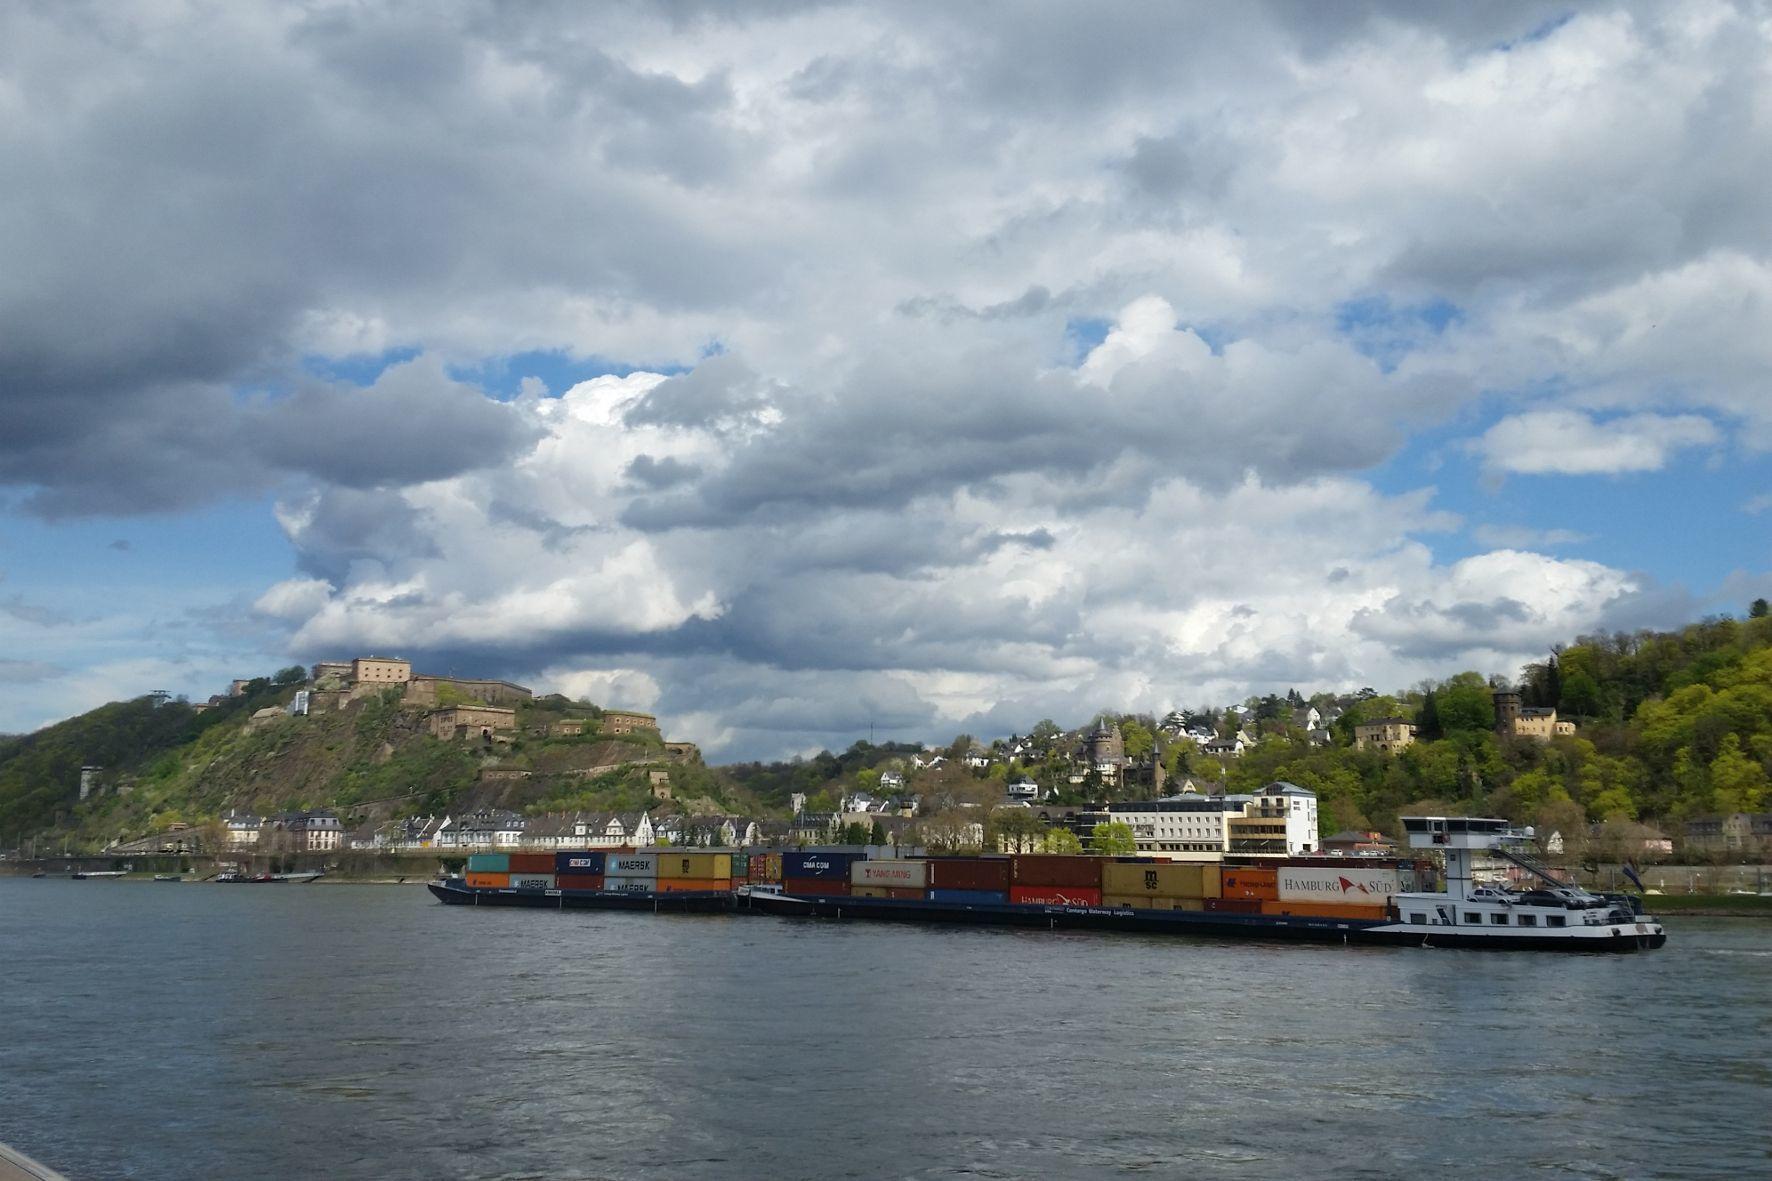 mid Groß-Gerau - Ein typischer Rheinfrachter, der unter anderem Wein aus Übersee nach Deutschland bringt, auf der Rückfahrt nach Rotterdam..